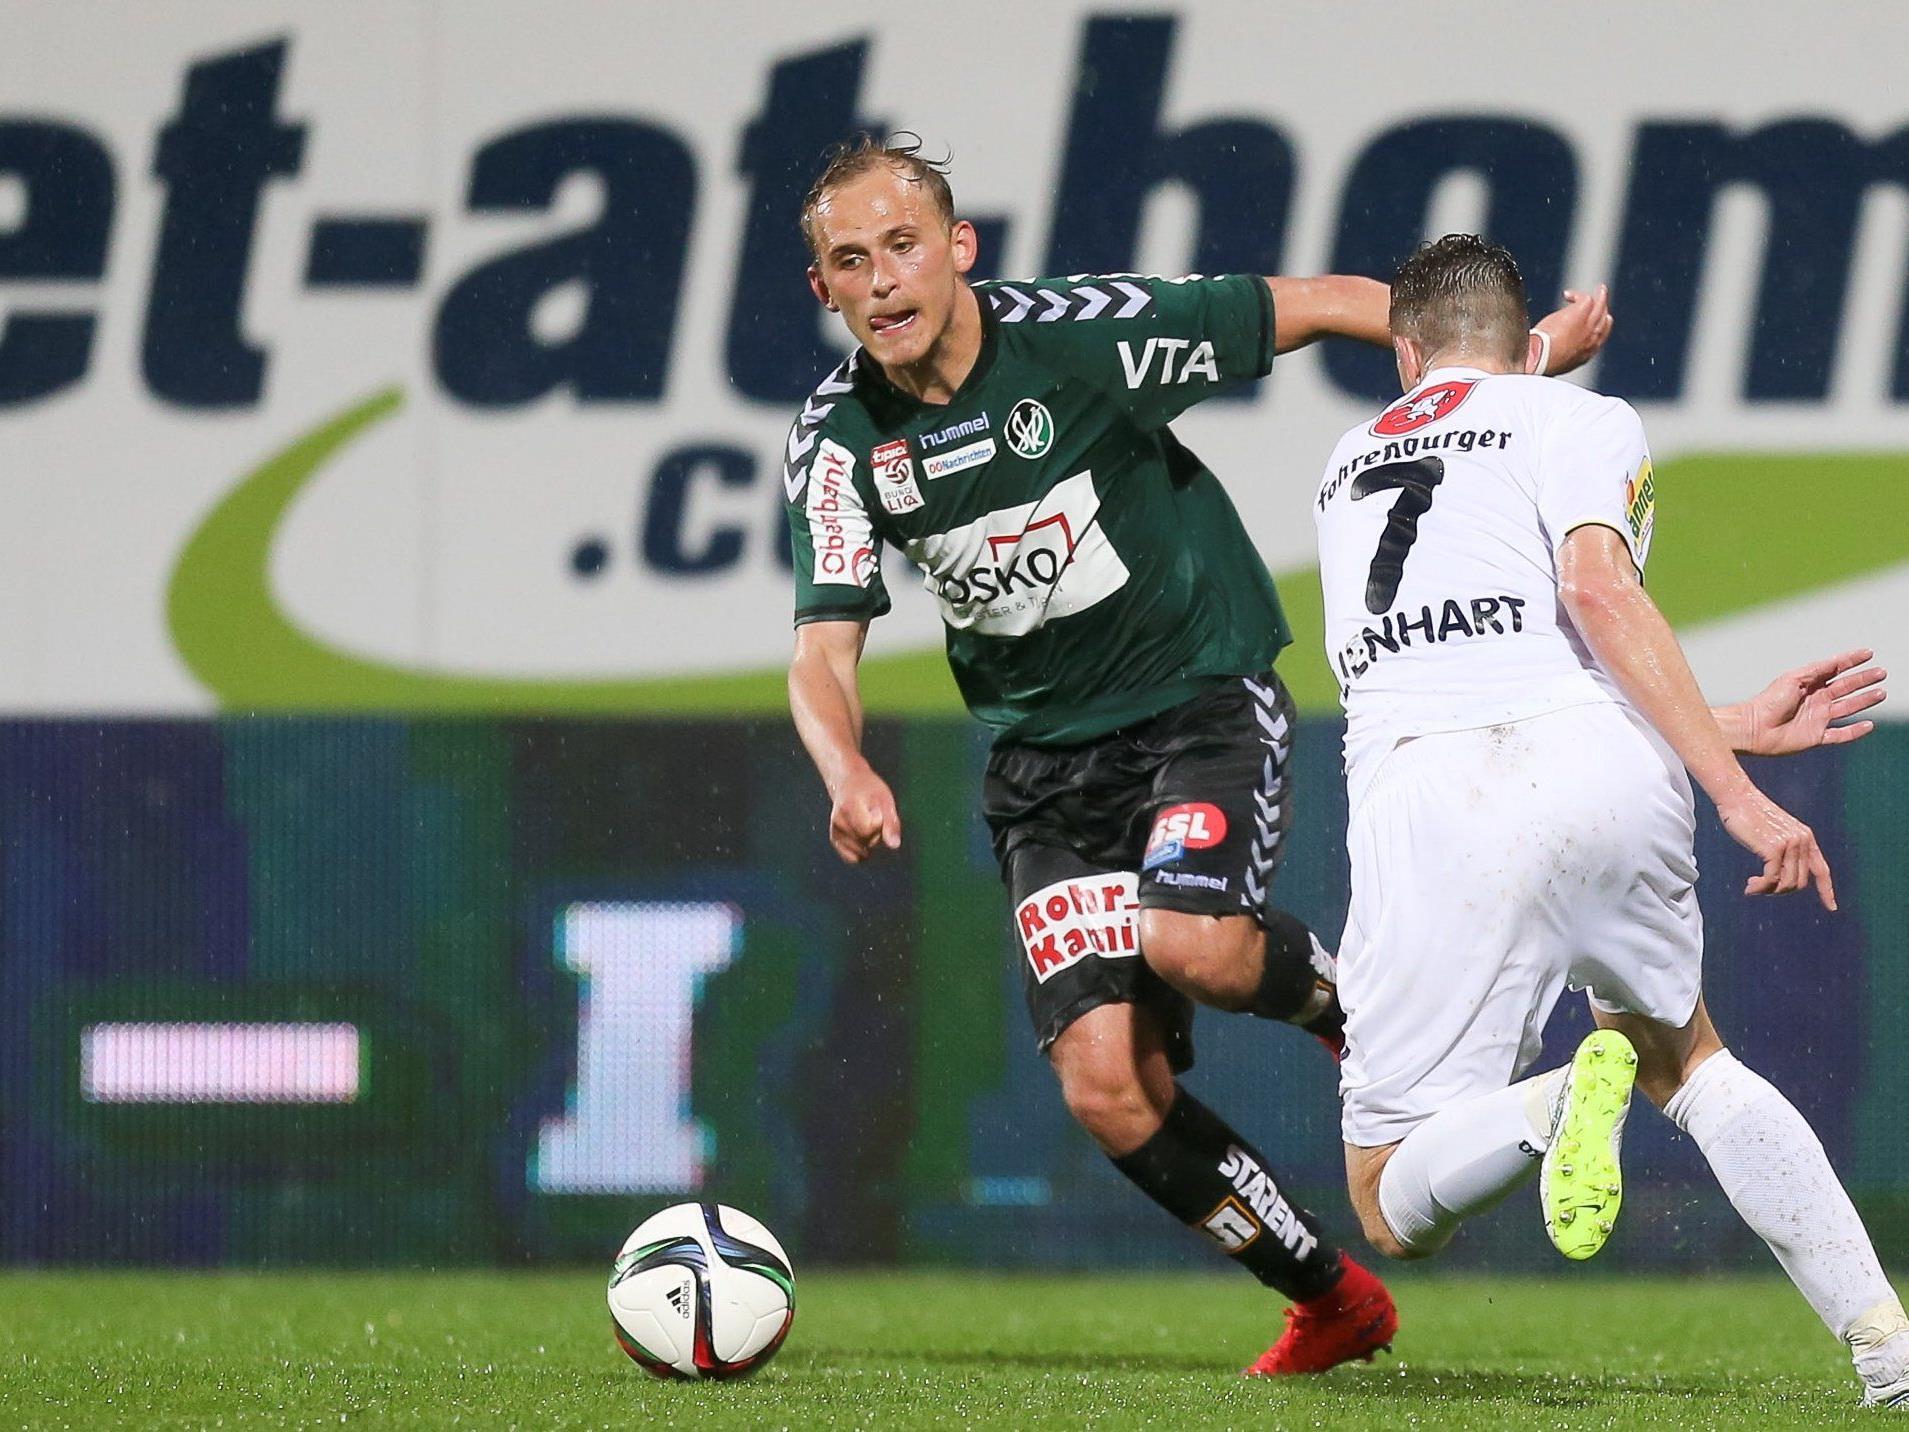 LIVE-Ticker zum Spiel SV Ried gegen SCR Altach ab 18.30 Uhr.